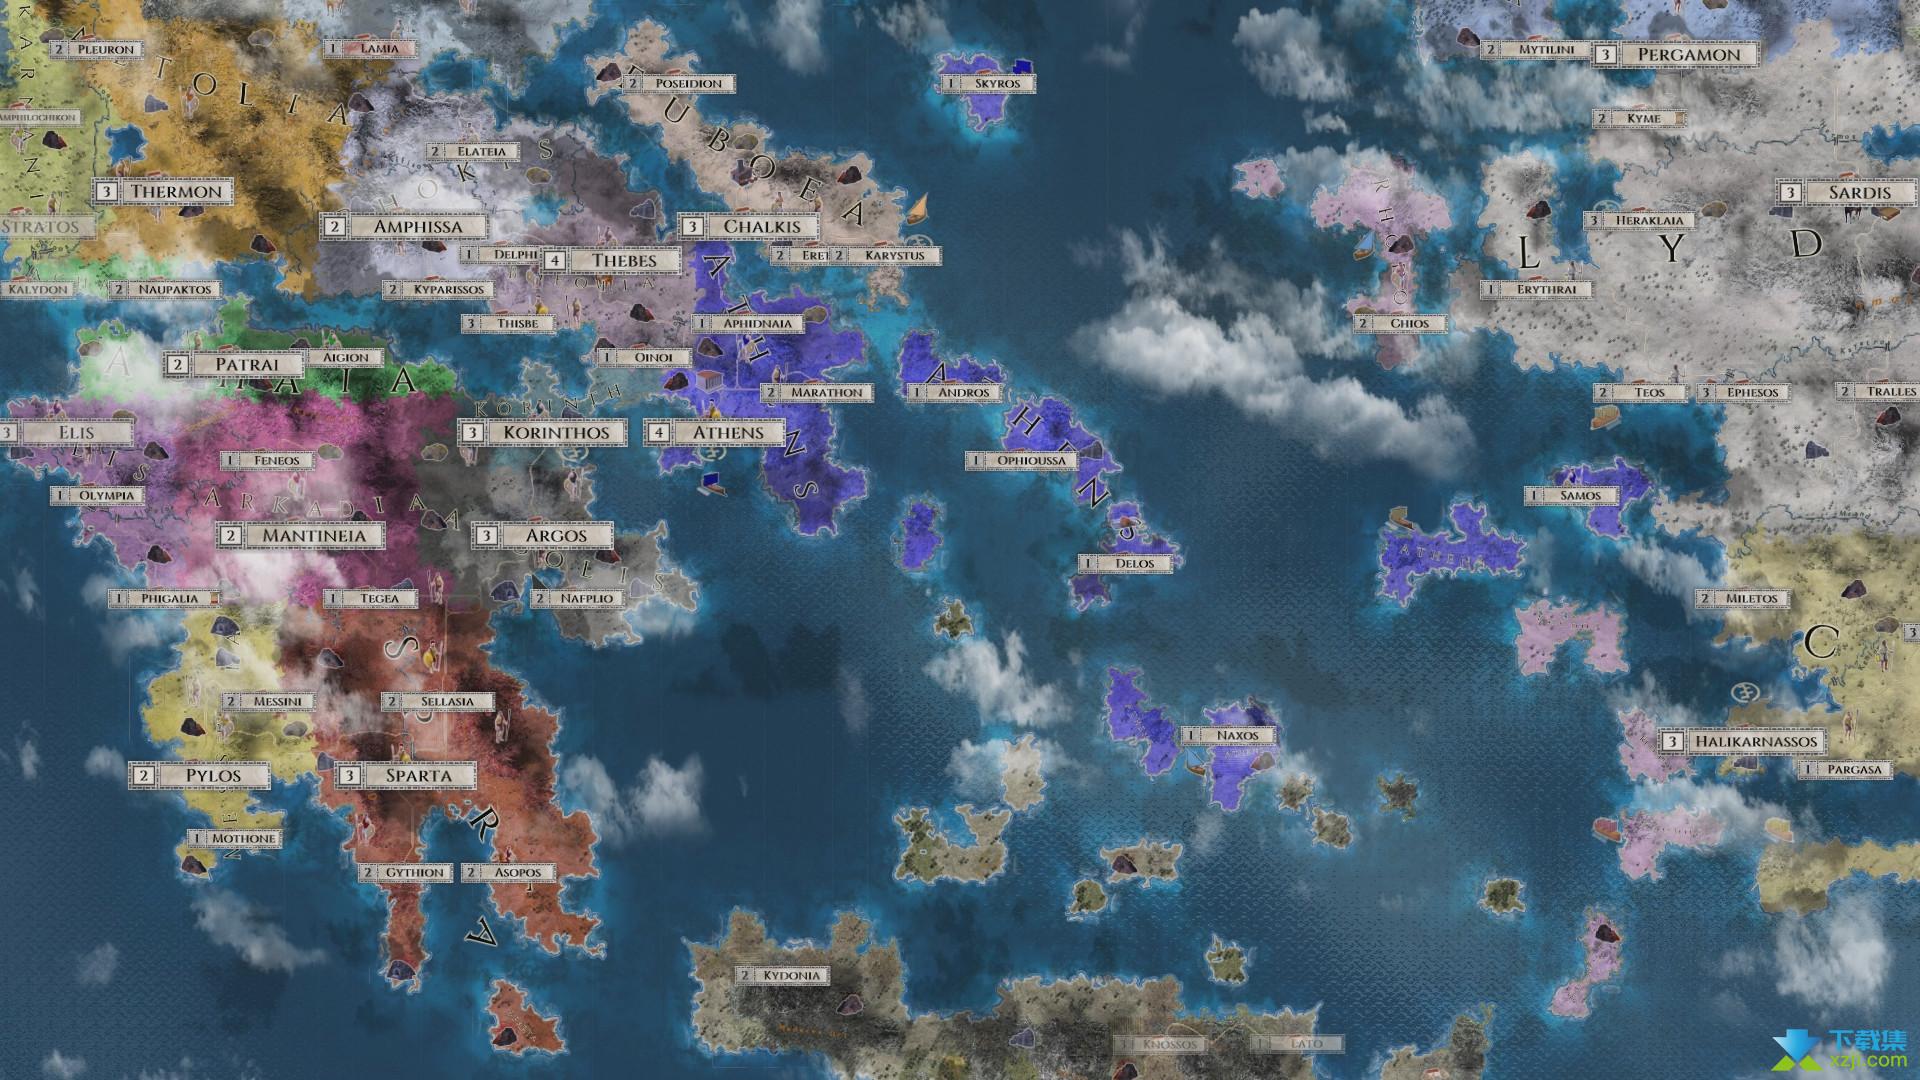 帝权希腊战争界面